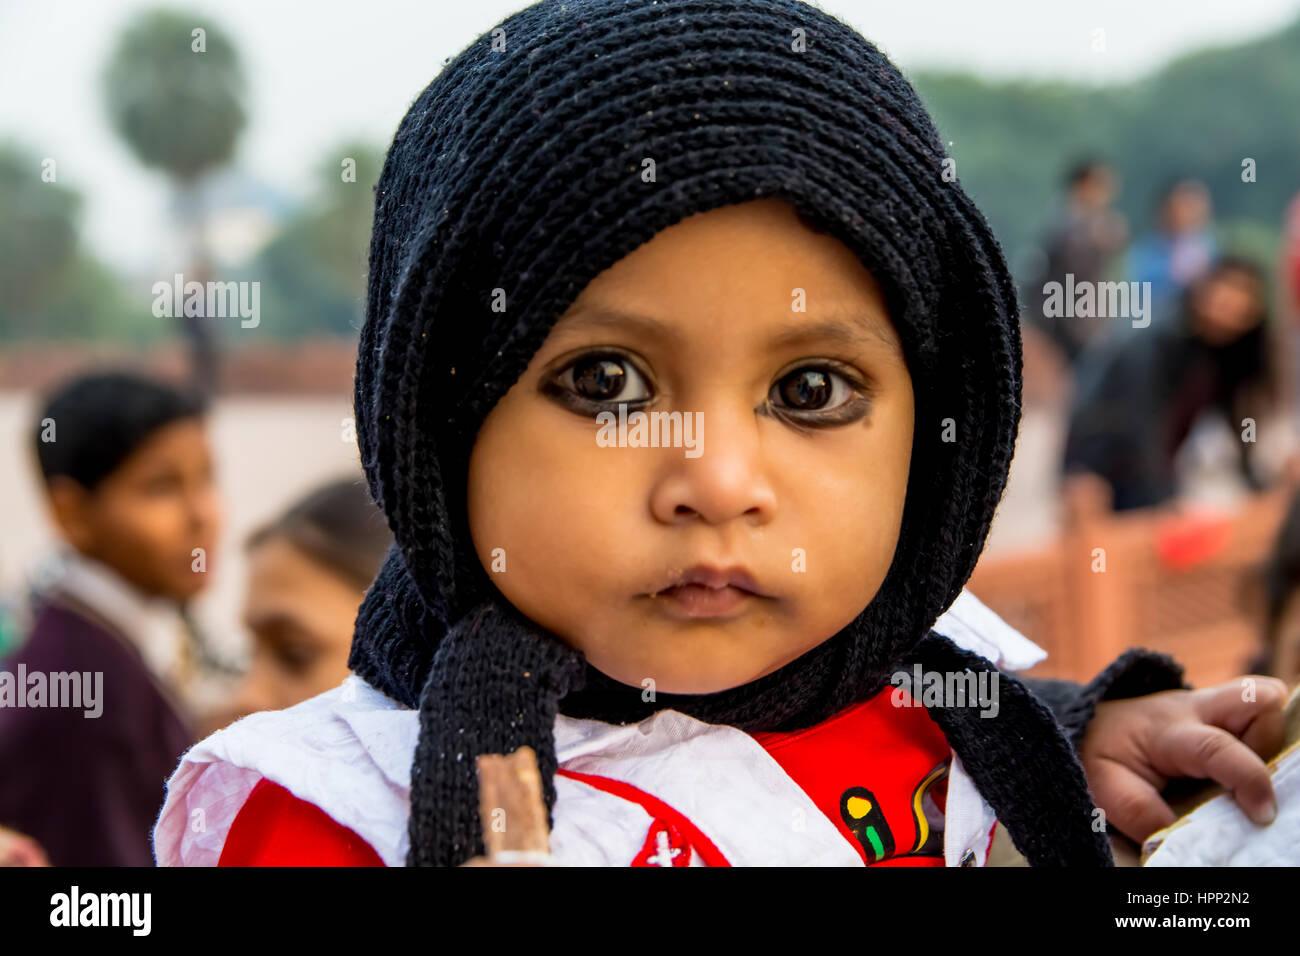 Ansicht des Babys mit Kajal Eyeliner hautnah Stockbild